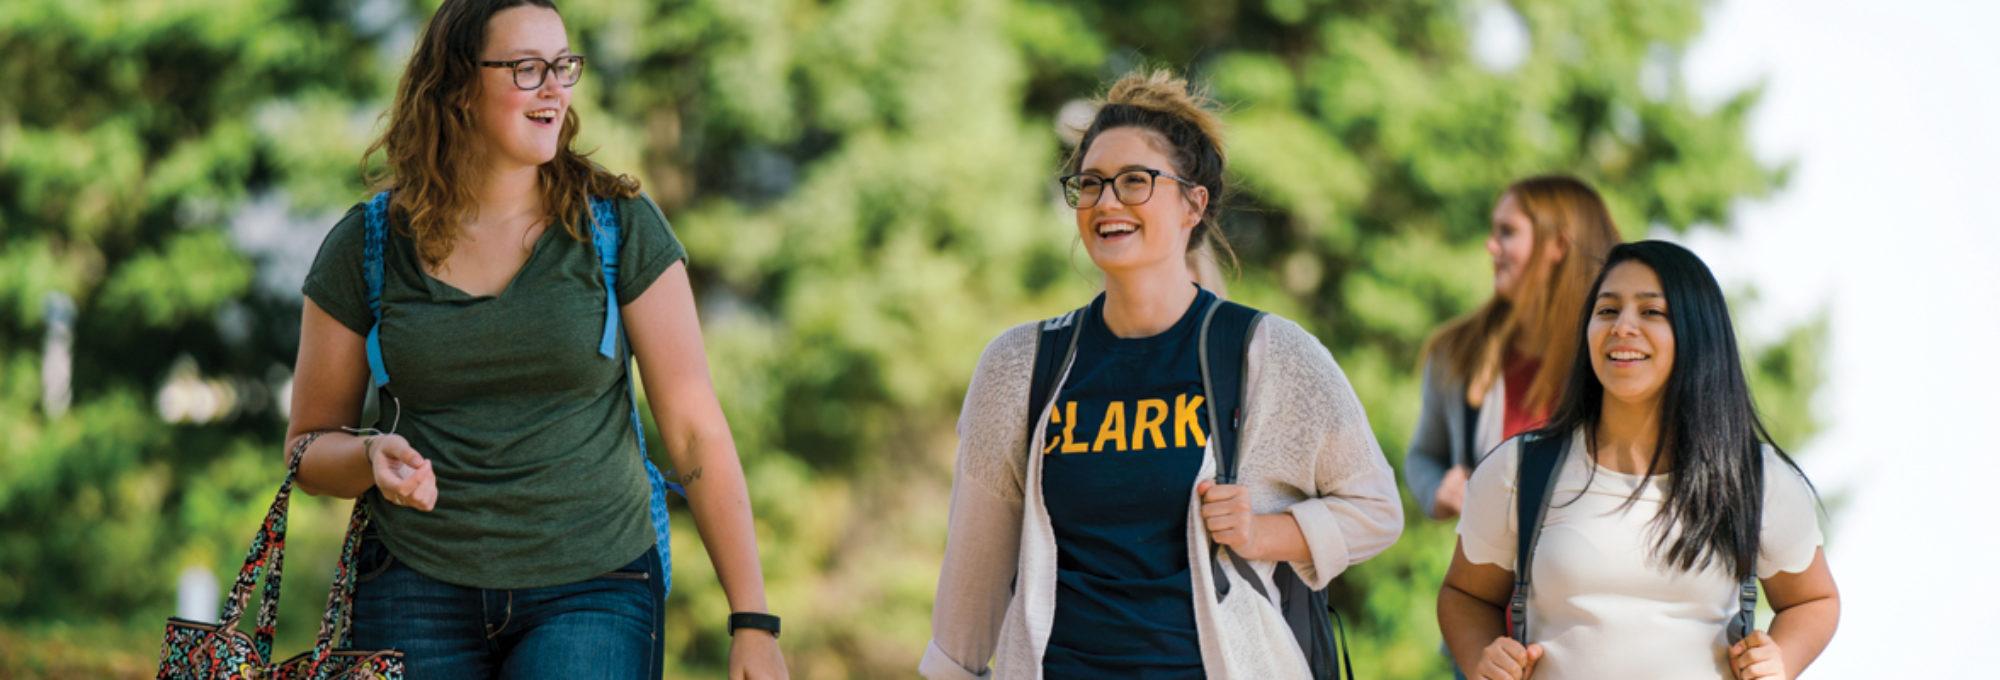 Clarke Campus Life